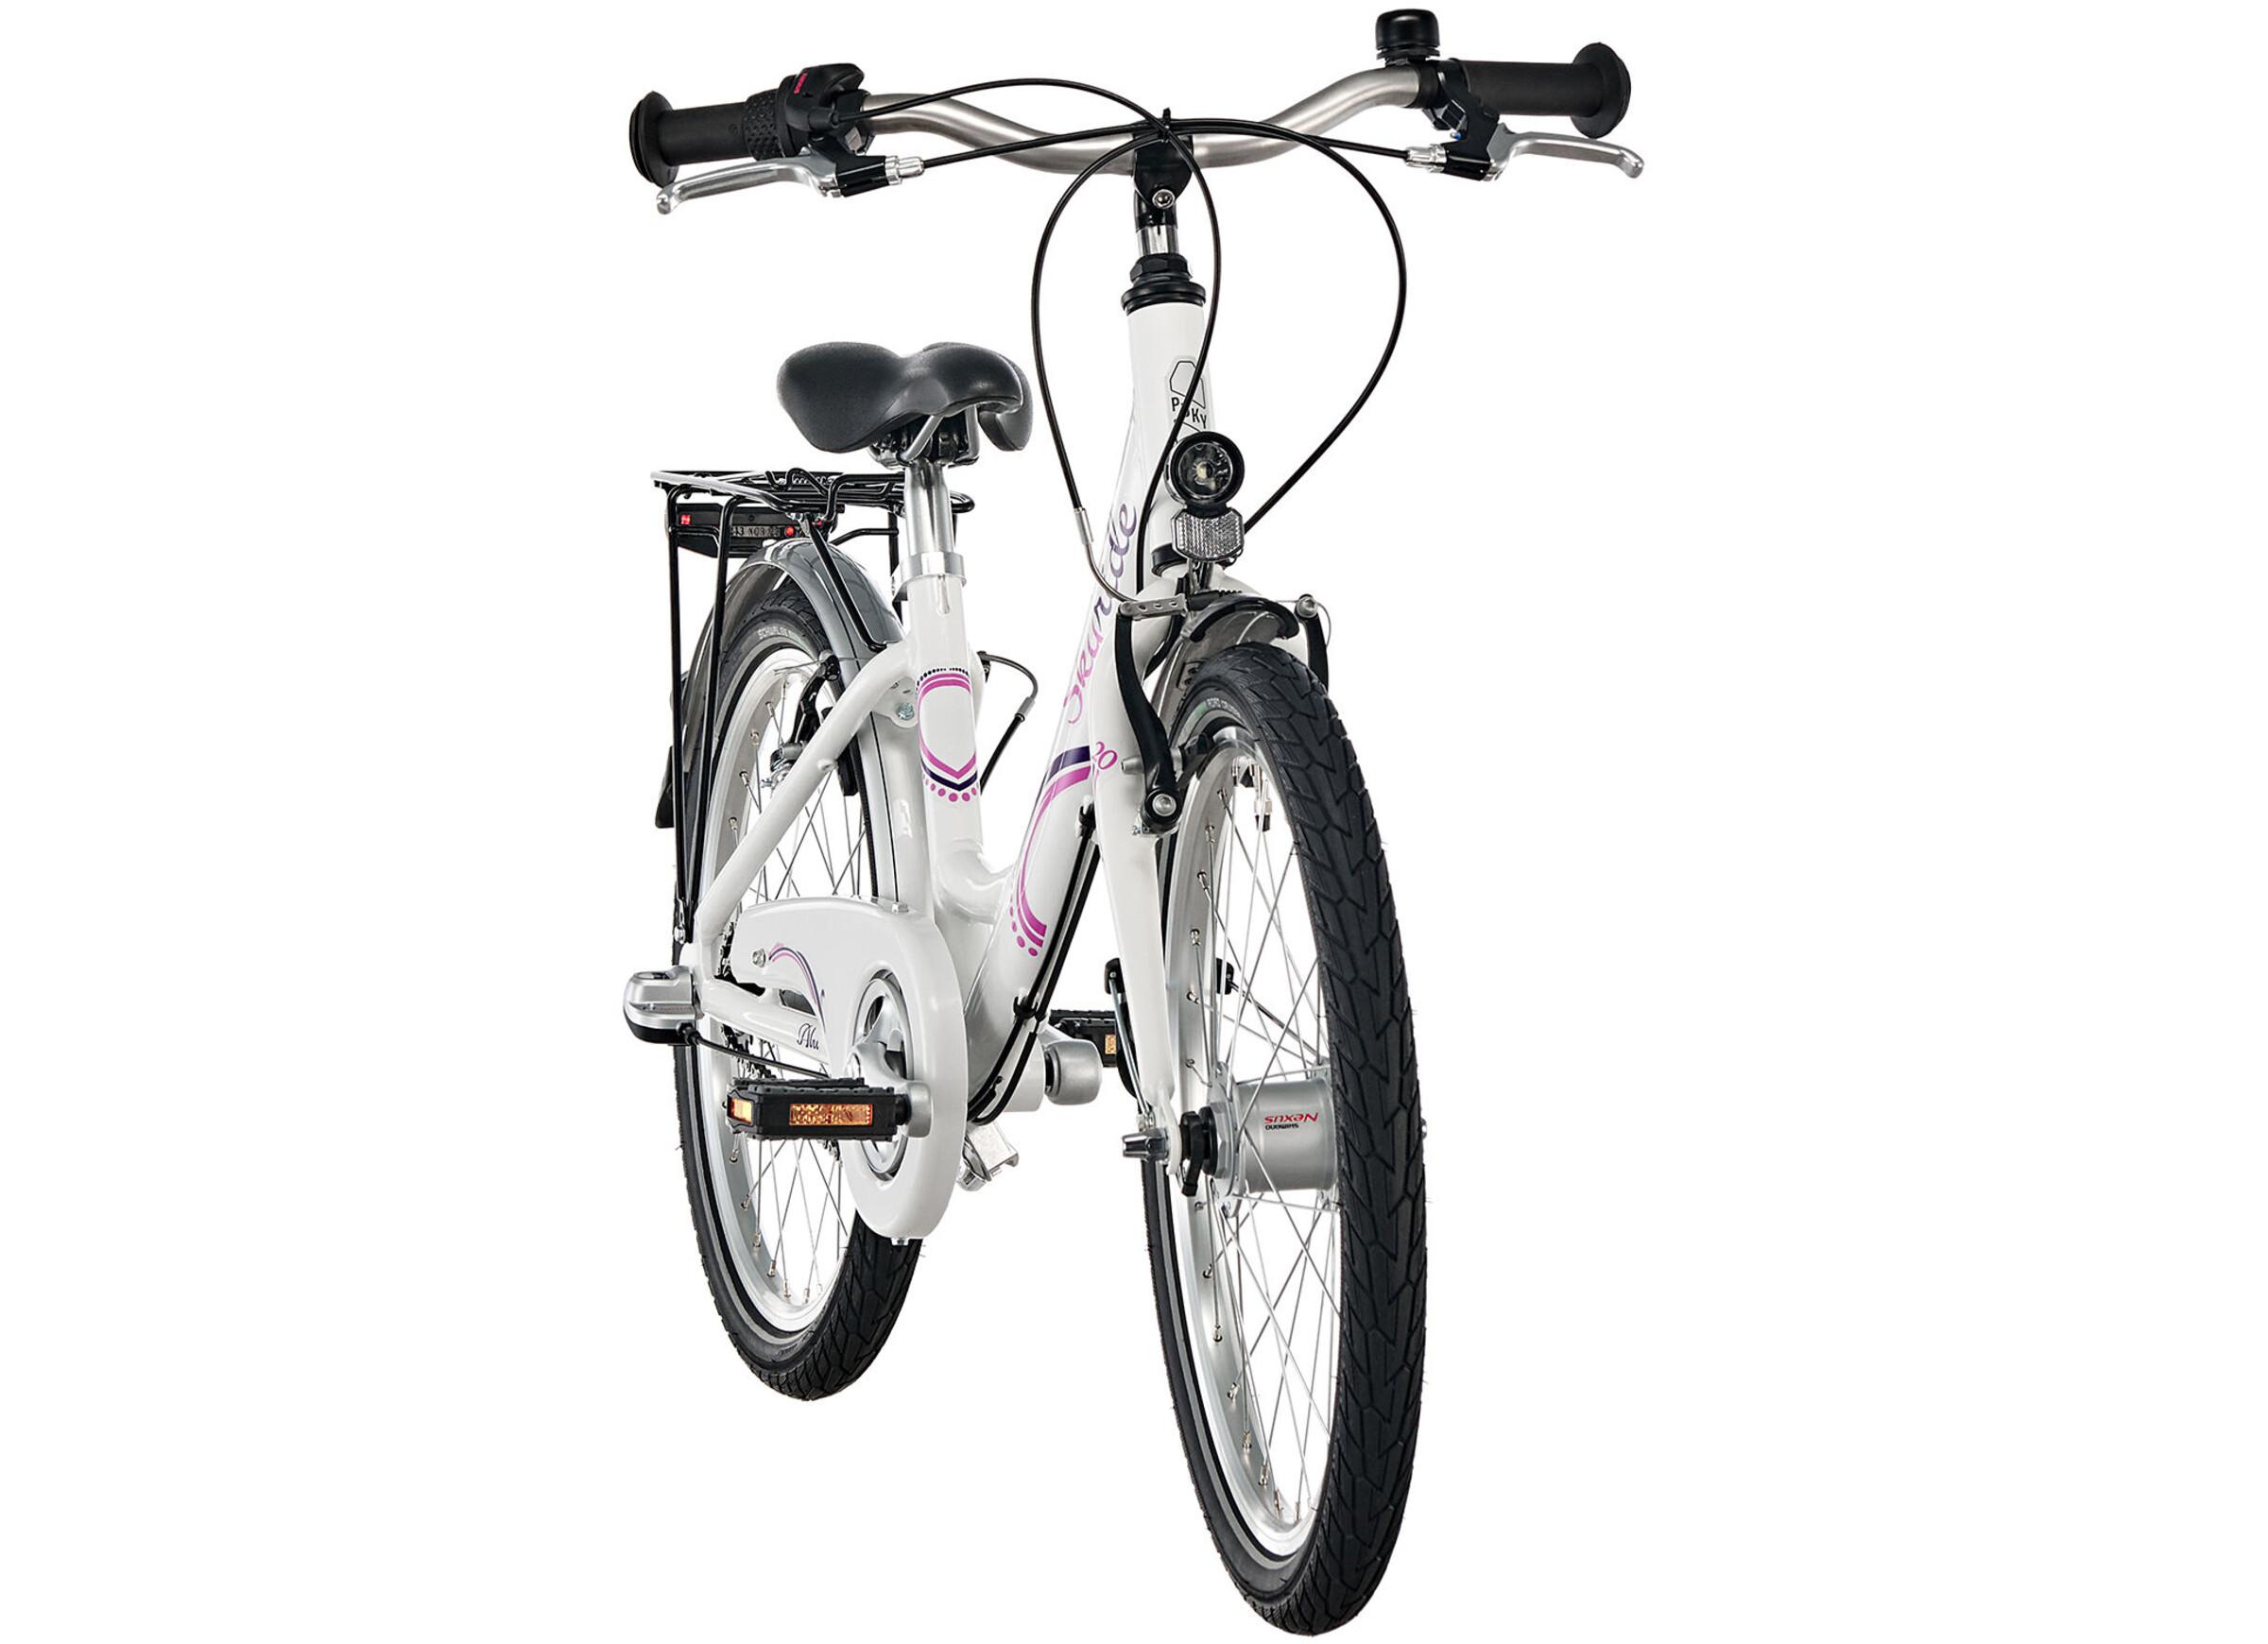 puky skyride 20 3 fahrrad alu light m dchen wei g nstig kaufen br gelmann. Black Bedroom Furniture Sets. Home Design Ideas